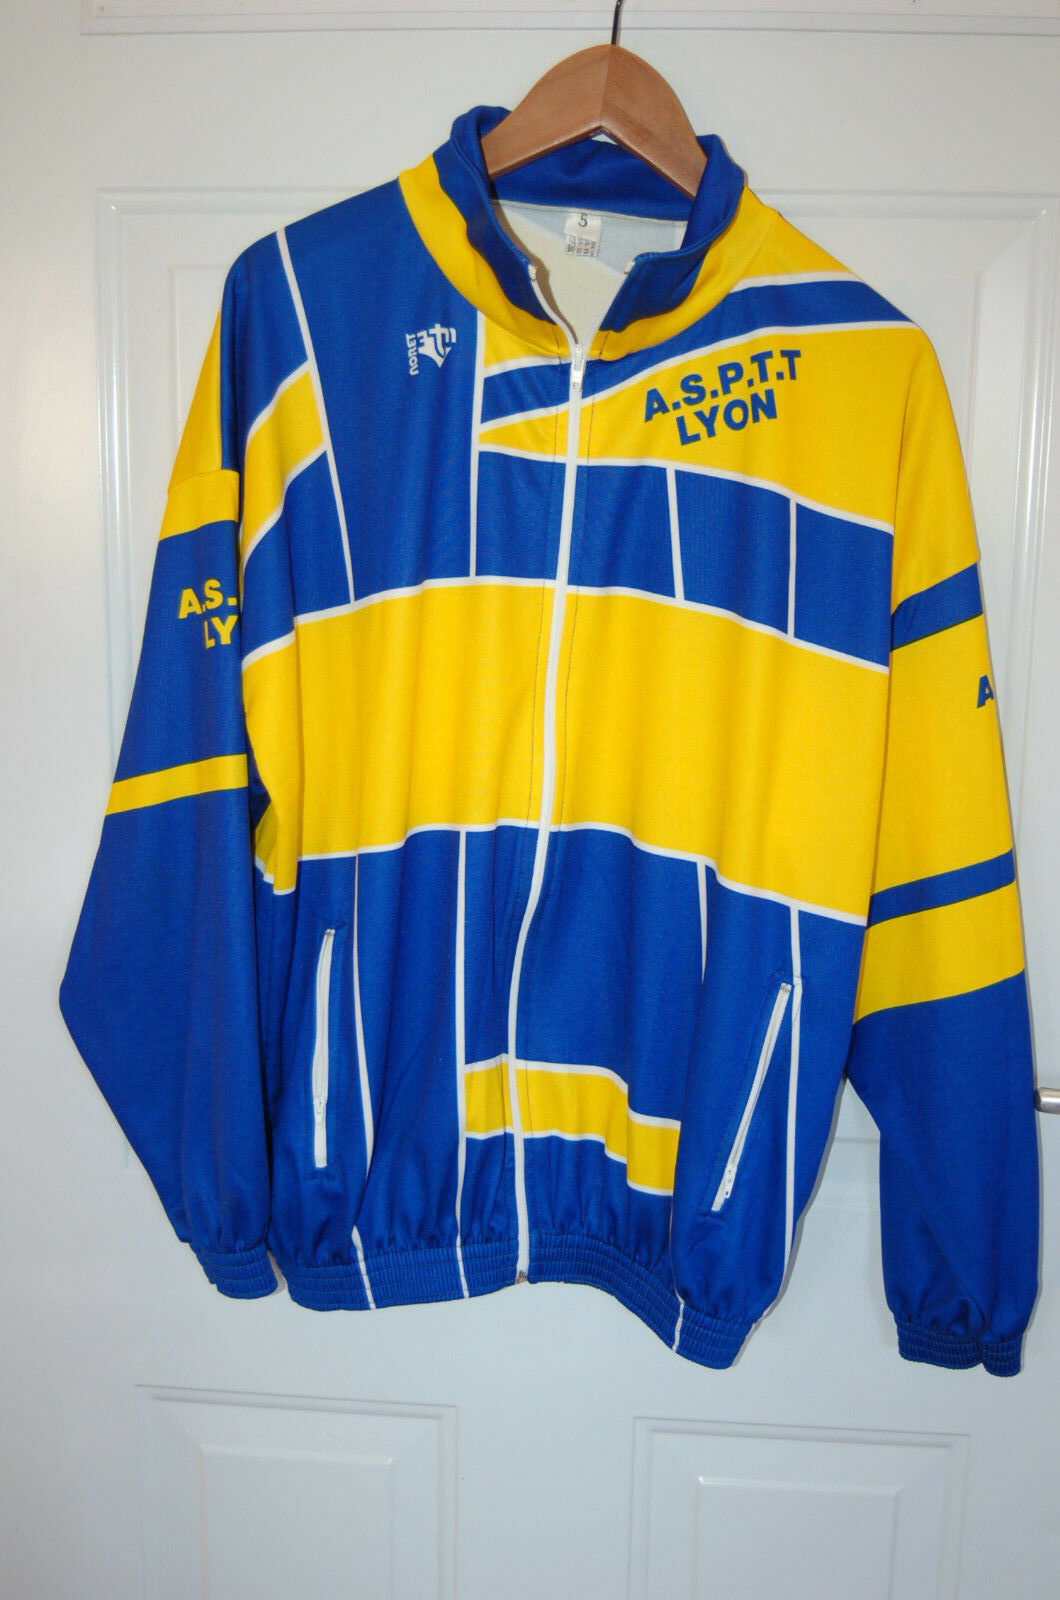 Maillot de ciclismo + A.S.P.t.t ex logo noret  amarillo & azul tamaño 5  Seleccione de las marcas más nuevas como